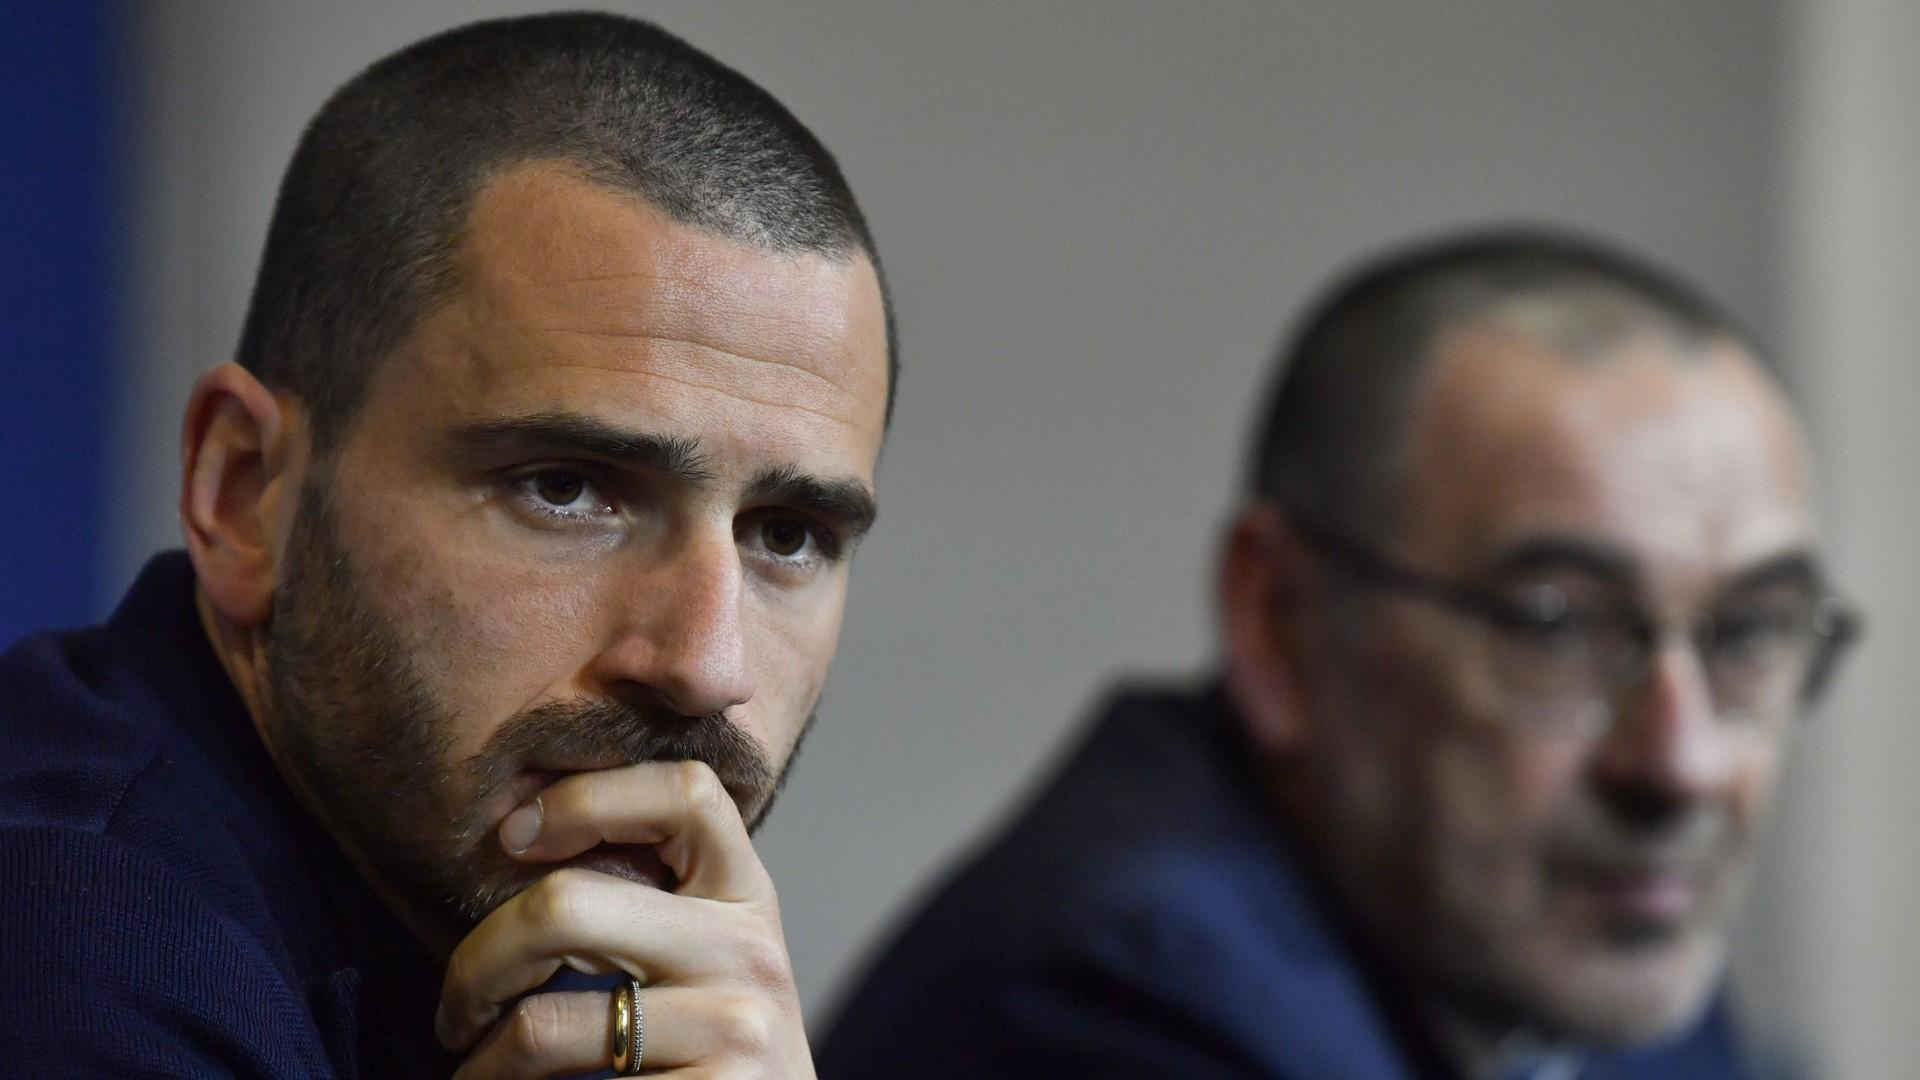 Champions e timori coronavirus, sindaci Lione all'attacco: 'No ai tifosi della Juve'